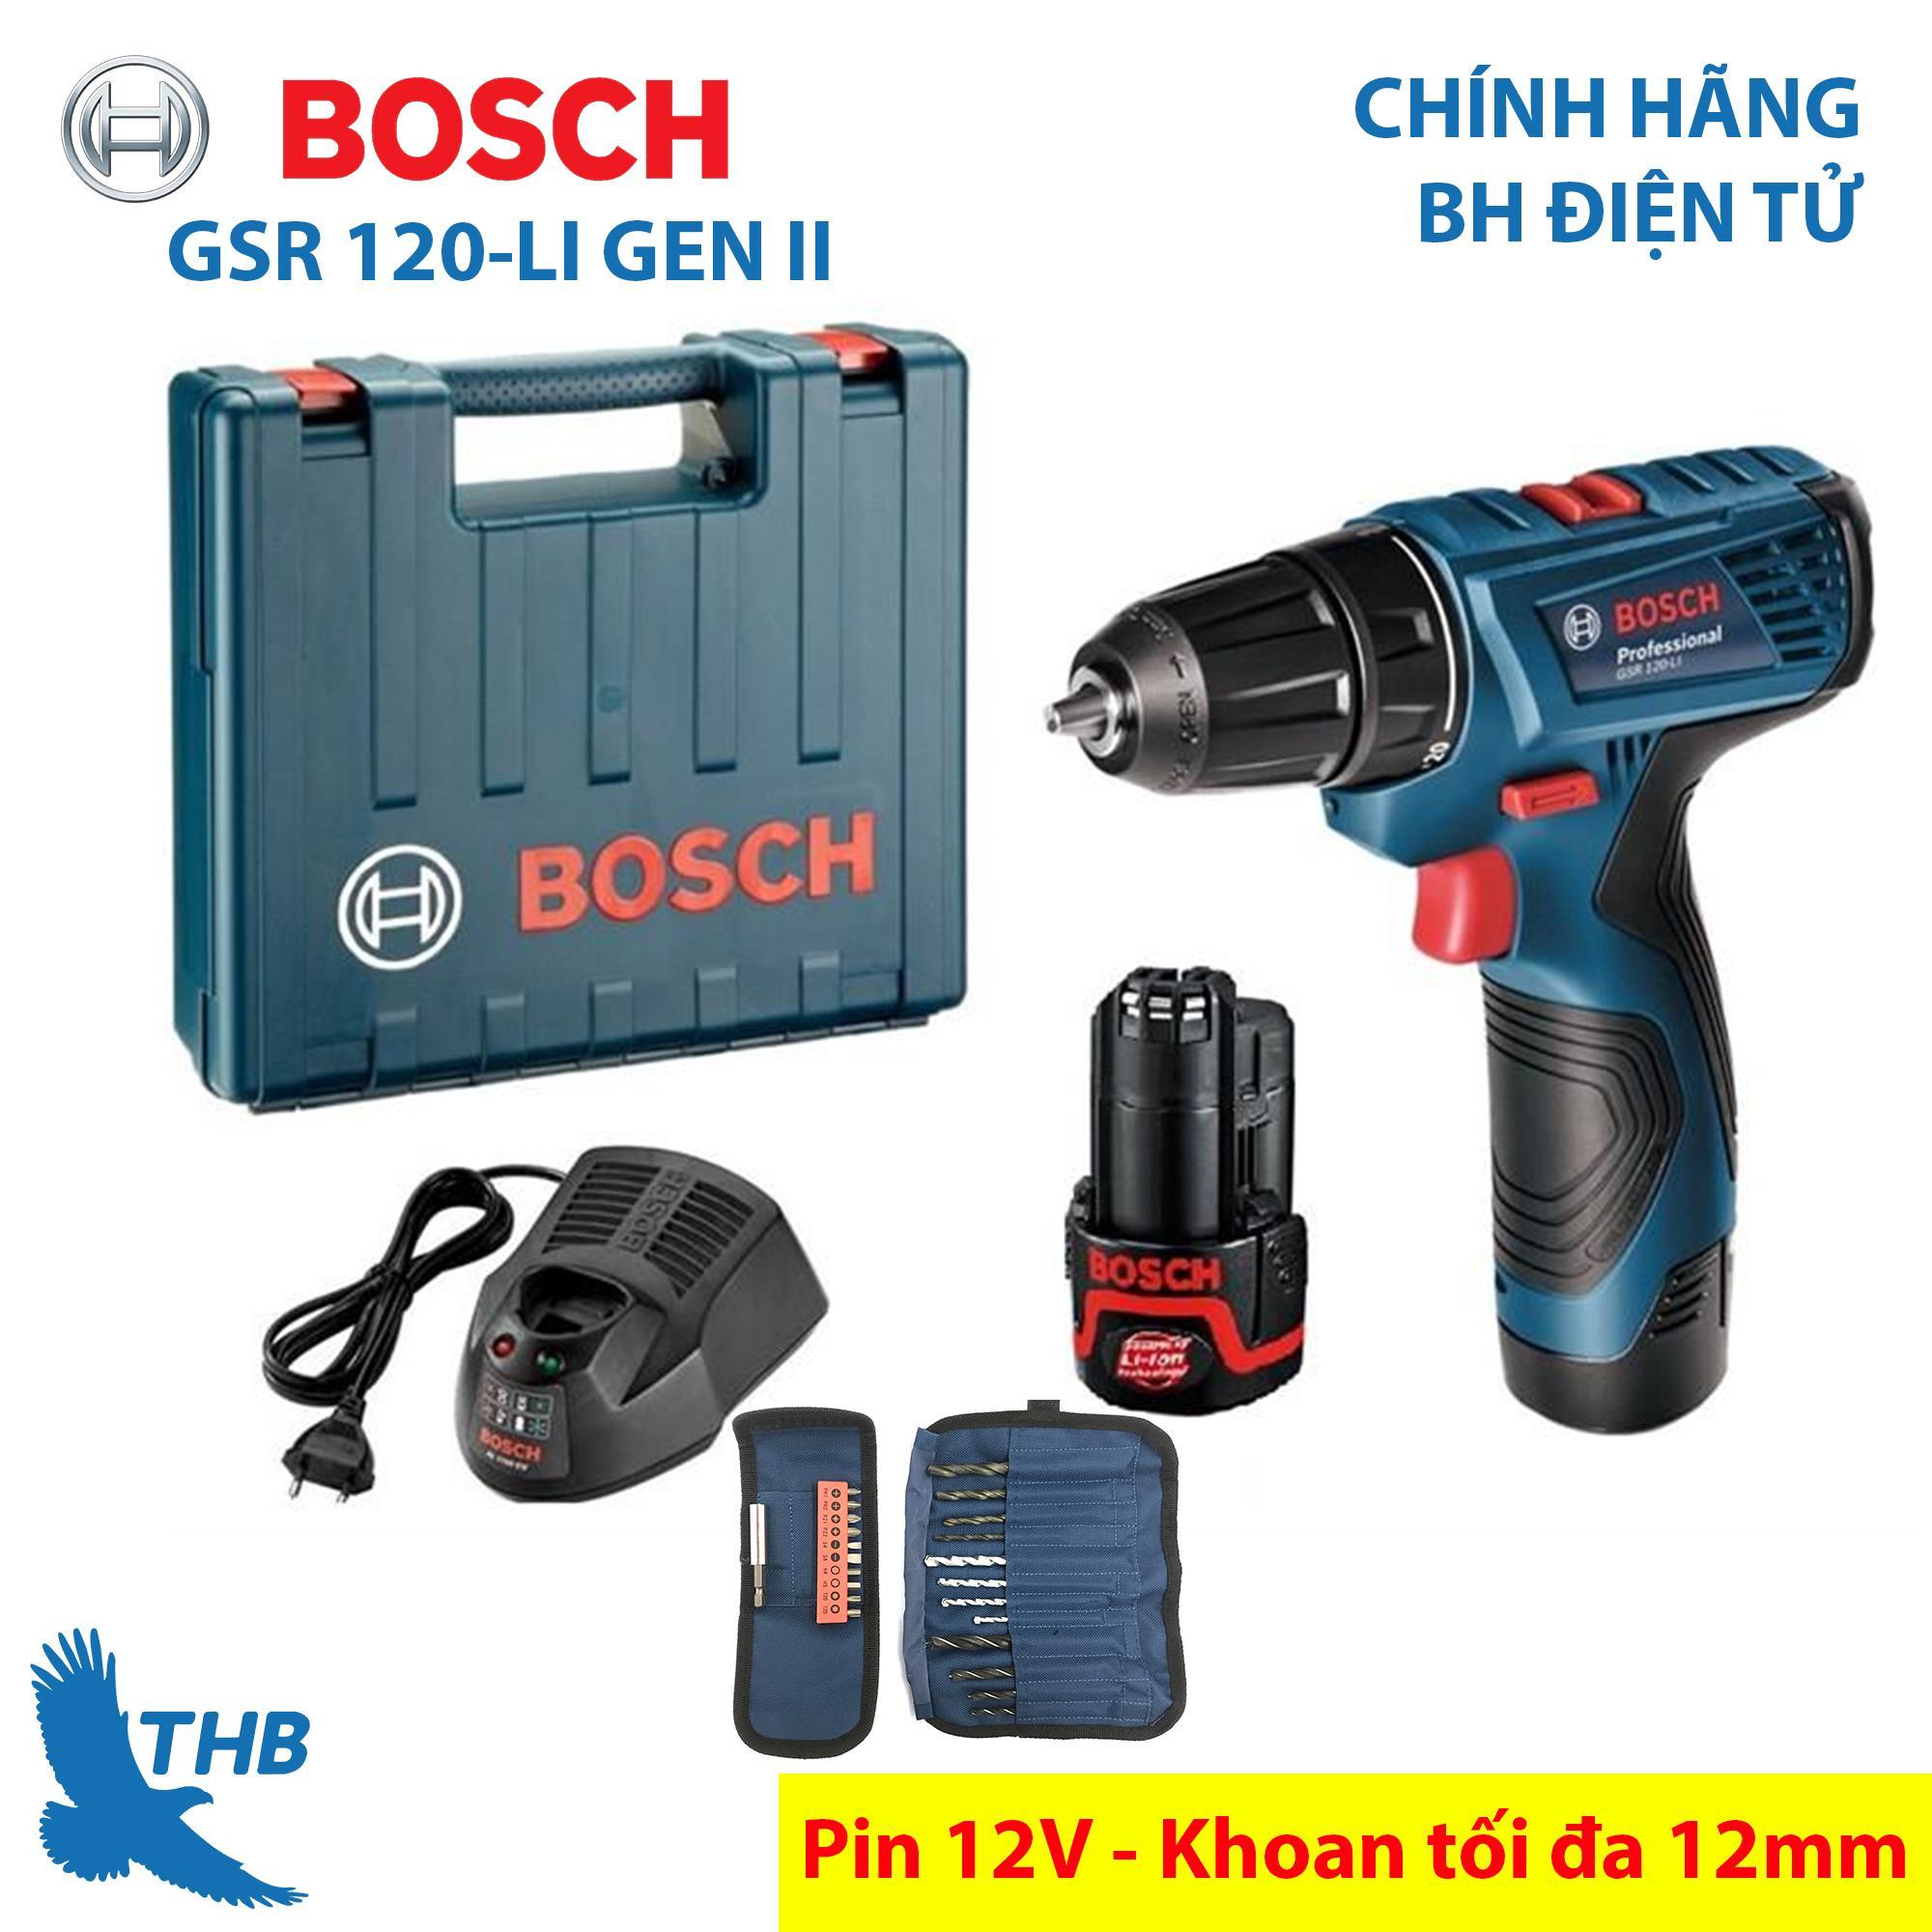 Máy khoan bắt vít Máy khoan cầm tay dùng Pin 12V Bosch GSR 120-LI GEN II Mới và phụ kiện Xuất xứ Malaysia Bảo hành 6 tháng